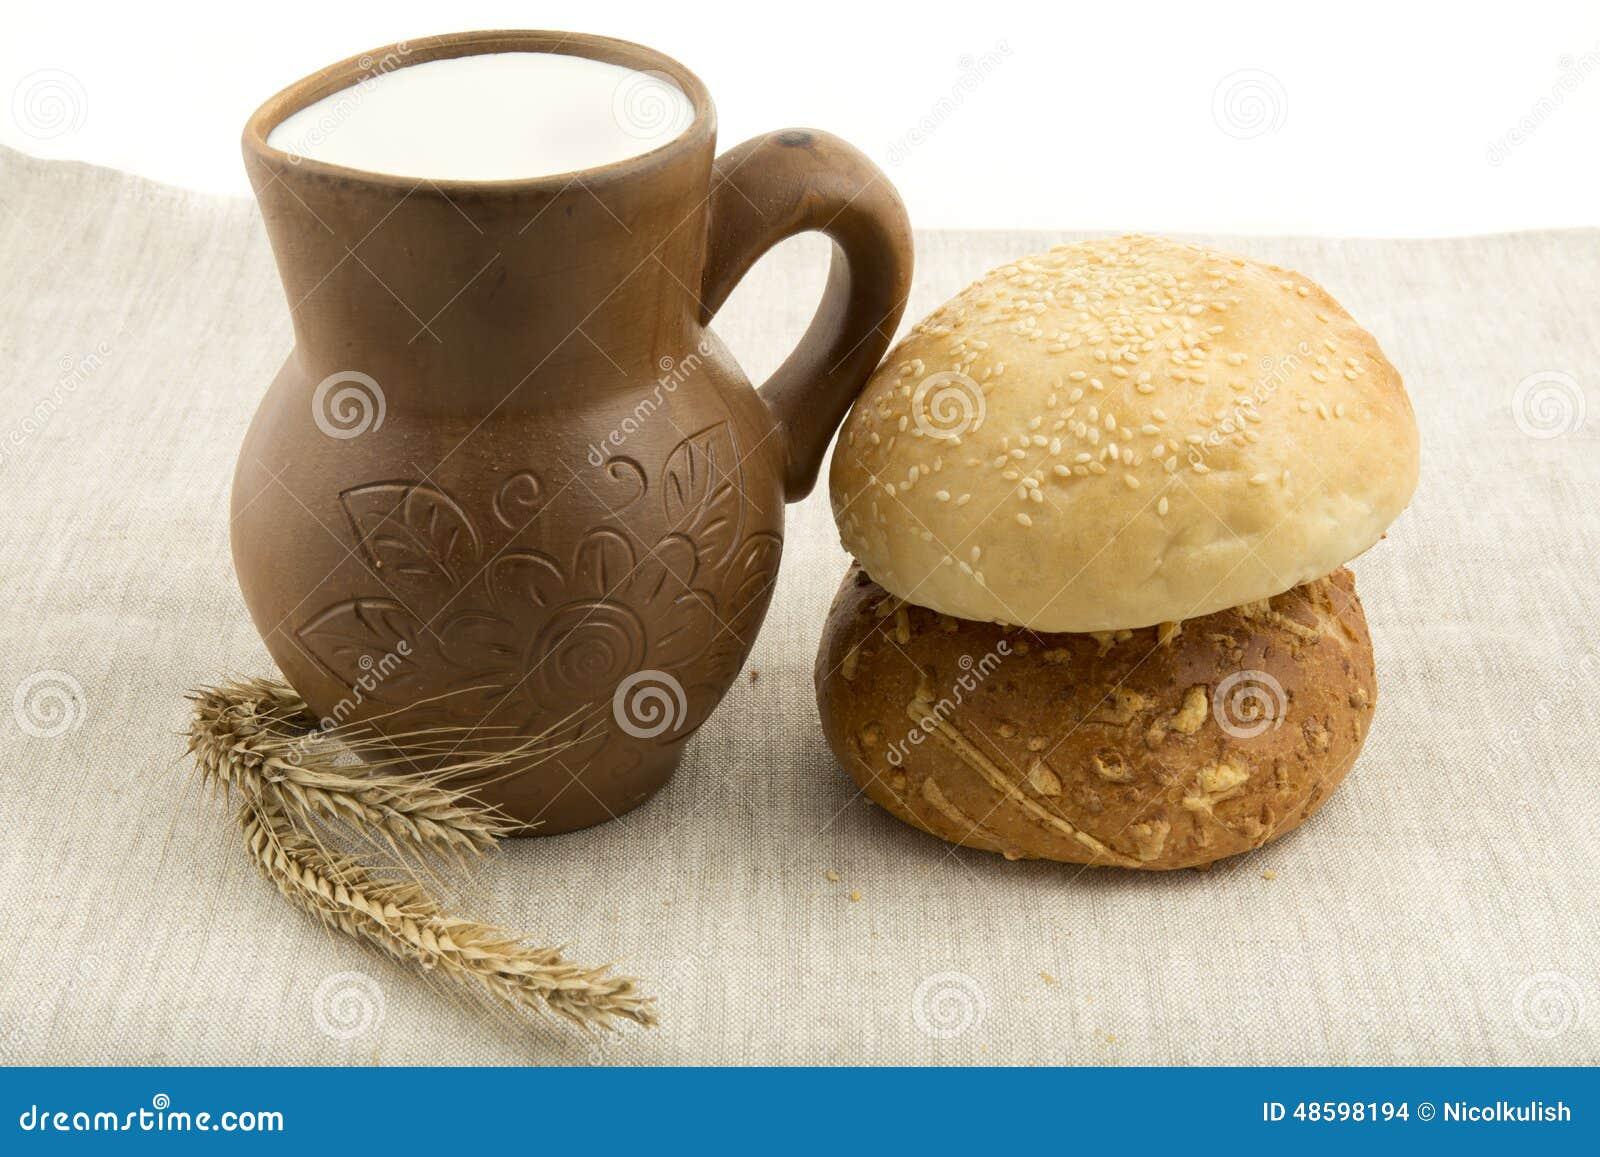 Kleikruik met melk en brood